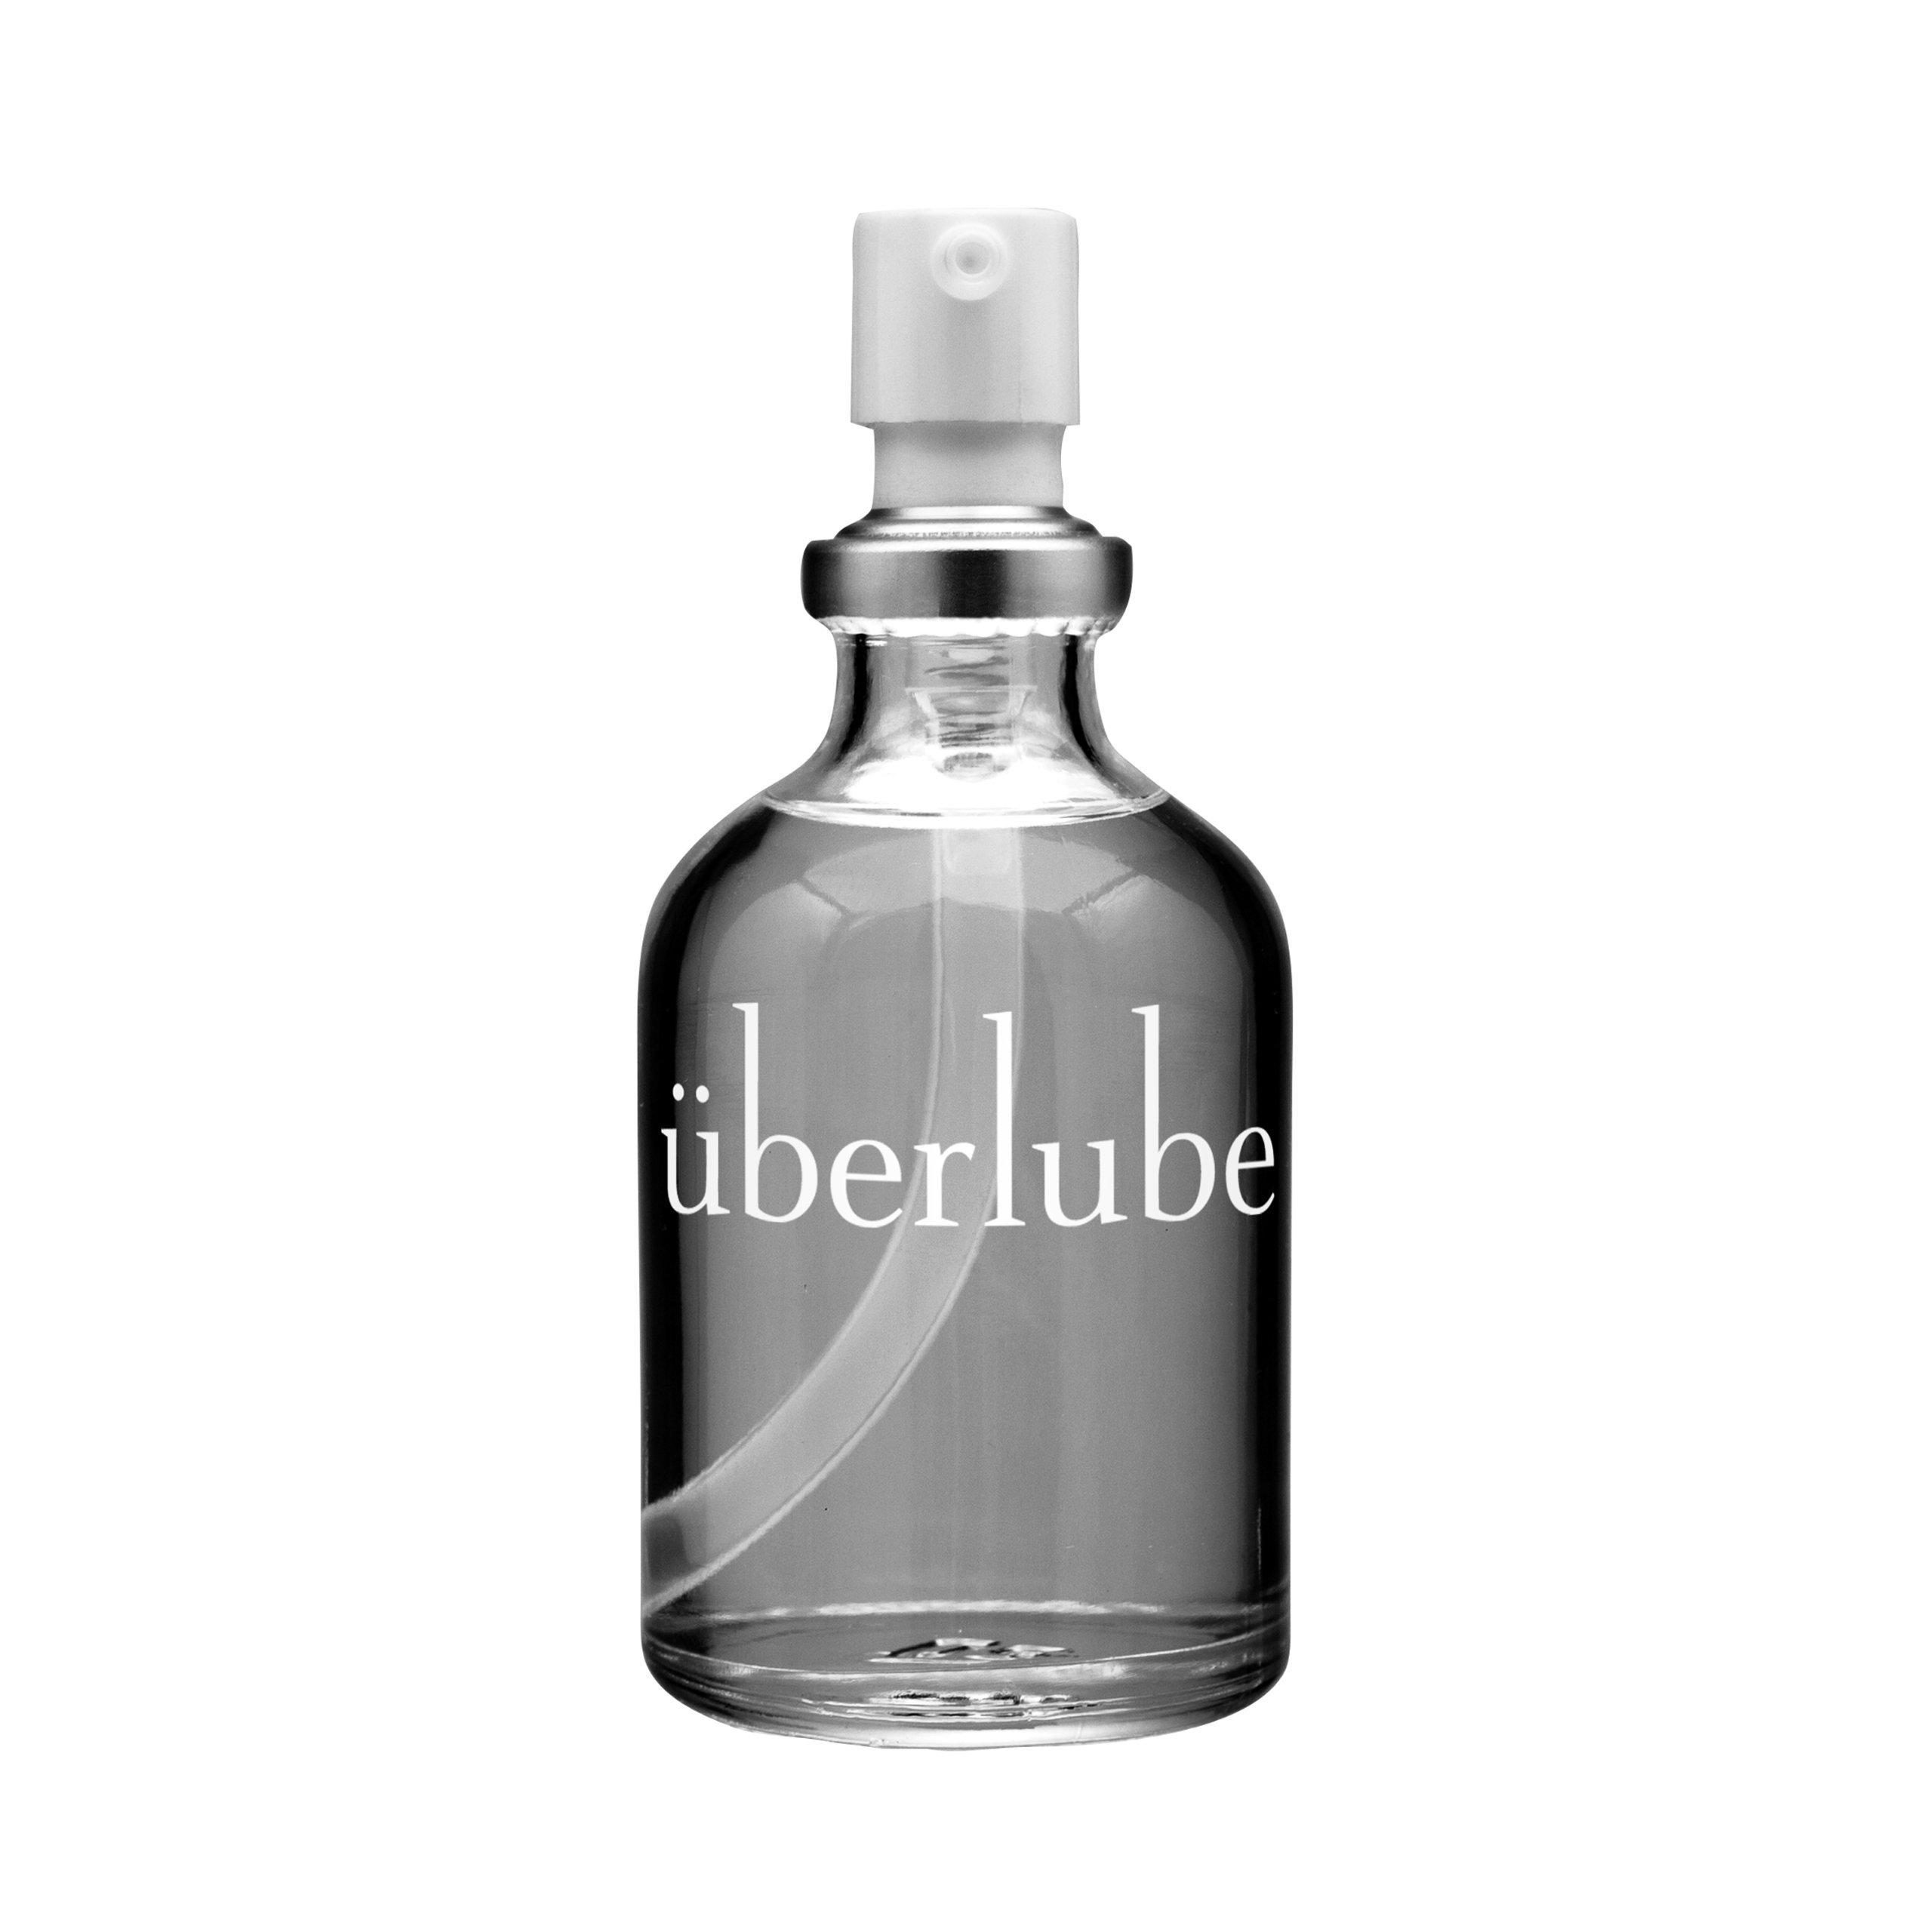 %C3%9Cberlube E27610 Uberlube Luxury Lubricant